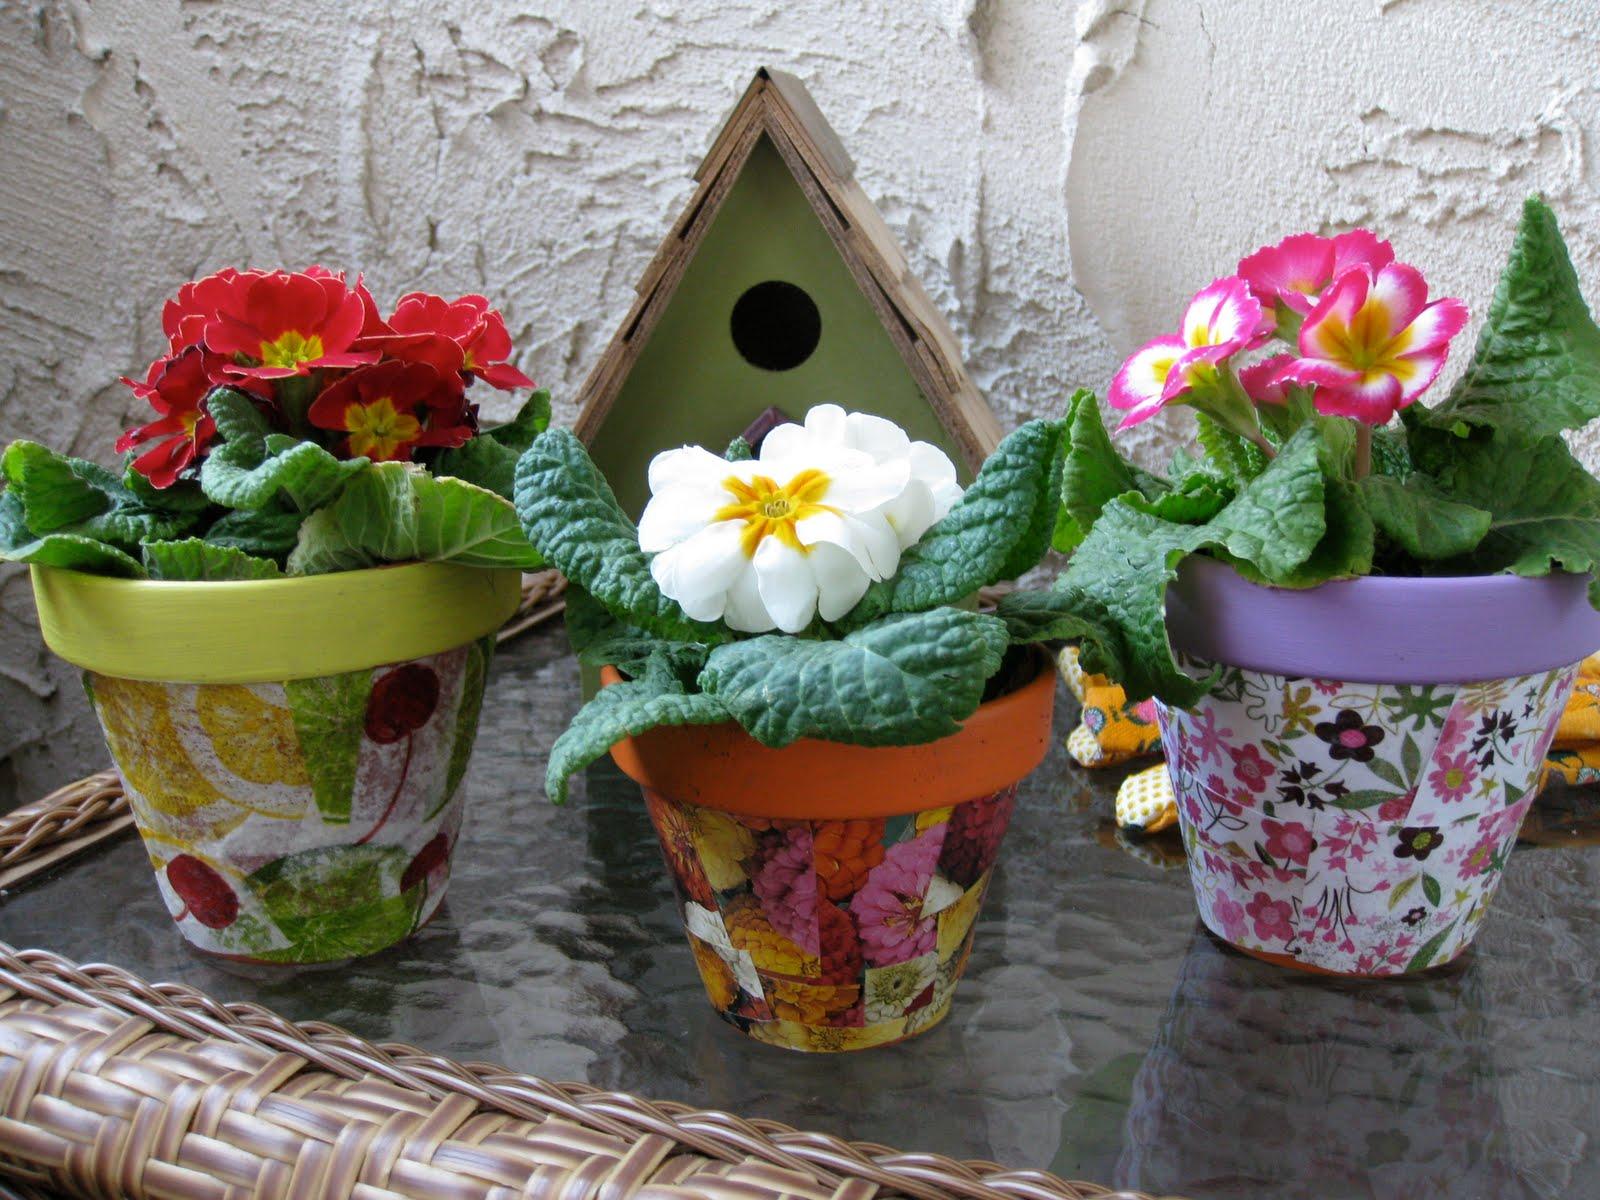 Горшки для цветов красивые своими руками фото 556